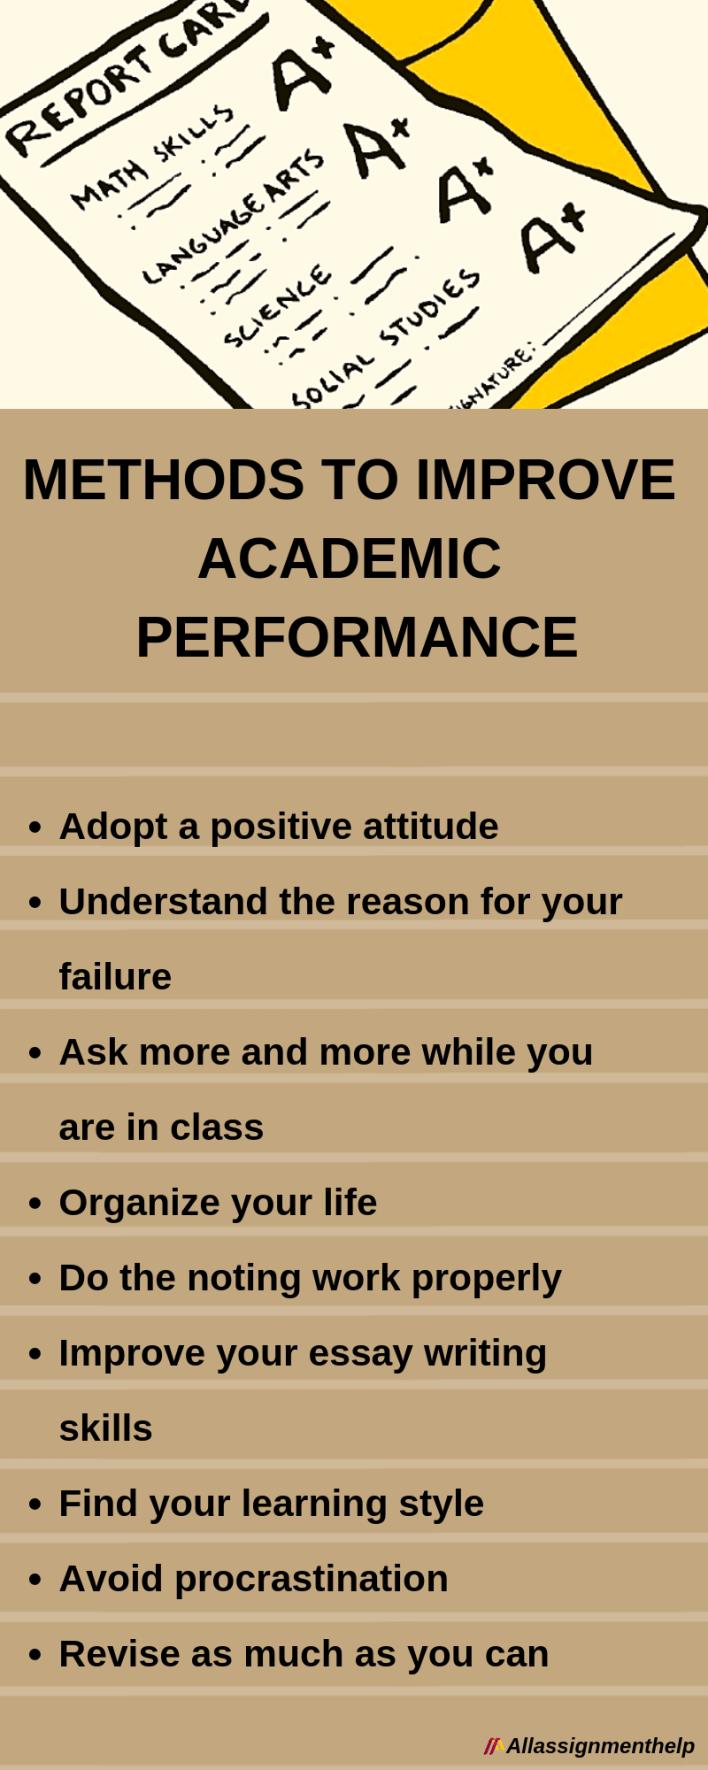 Methods to improve academic performance